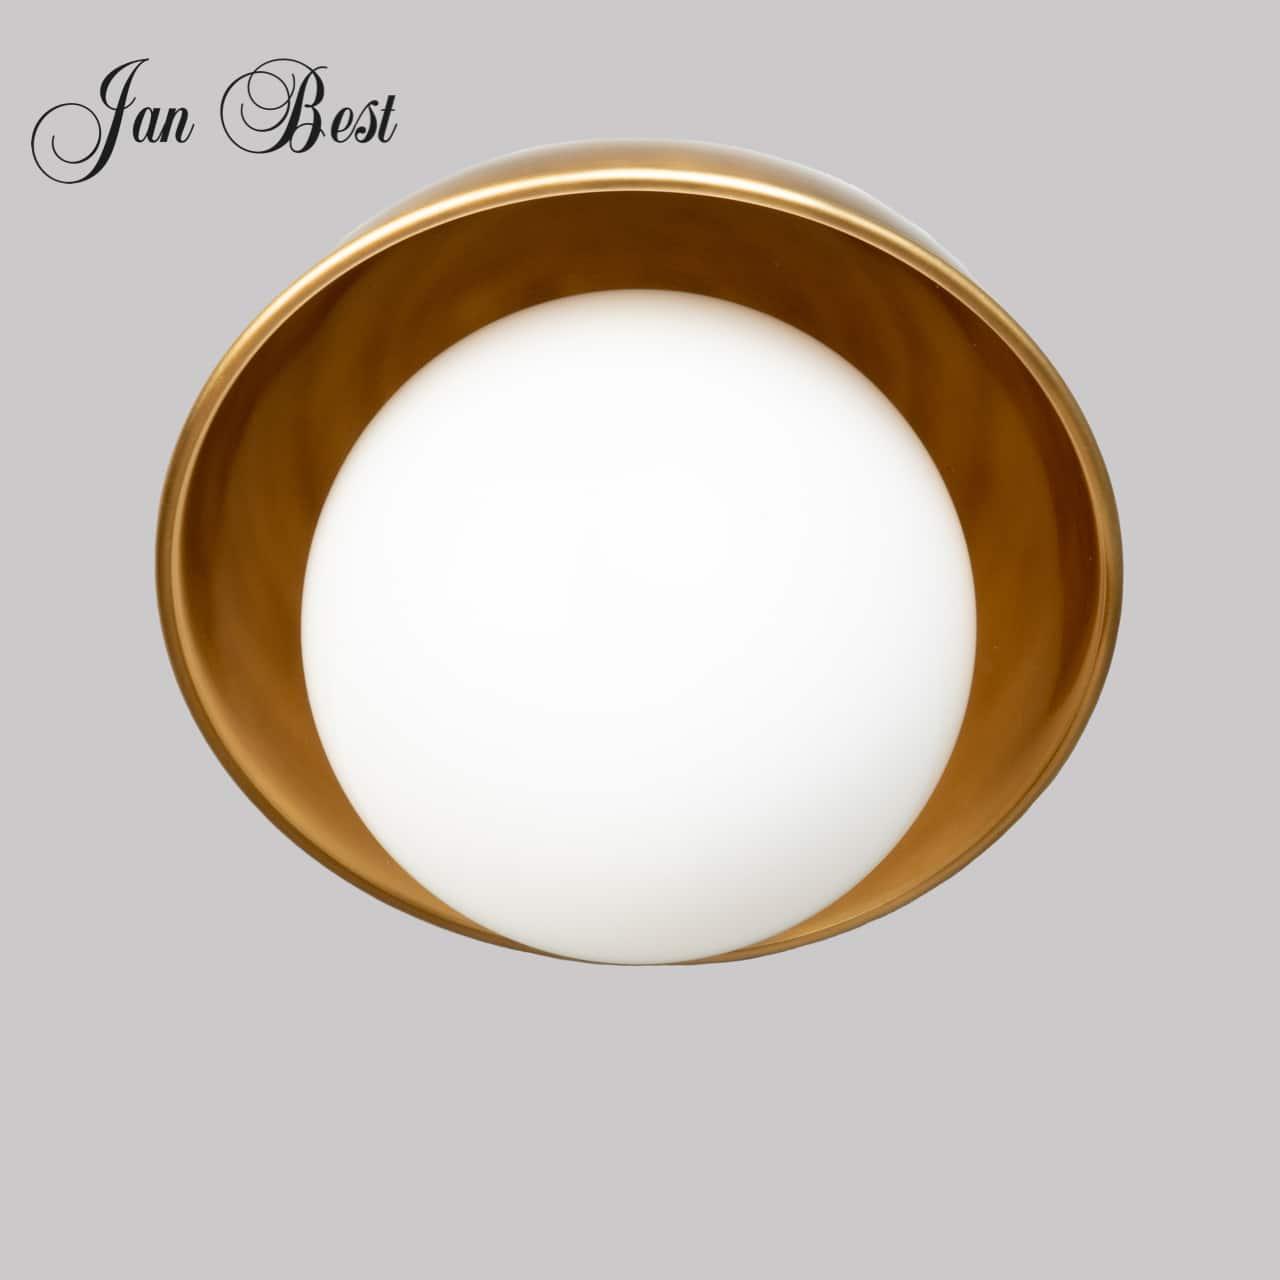 Jan-Best-messing-wandlamp-vintage-nostalgische-horeca-klassieke-buiten-interieur-verlichting-aalsmeer